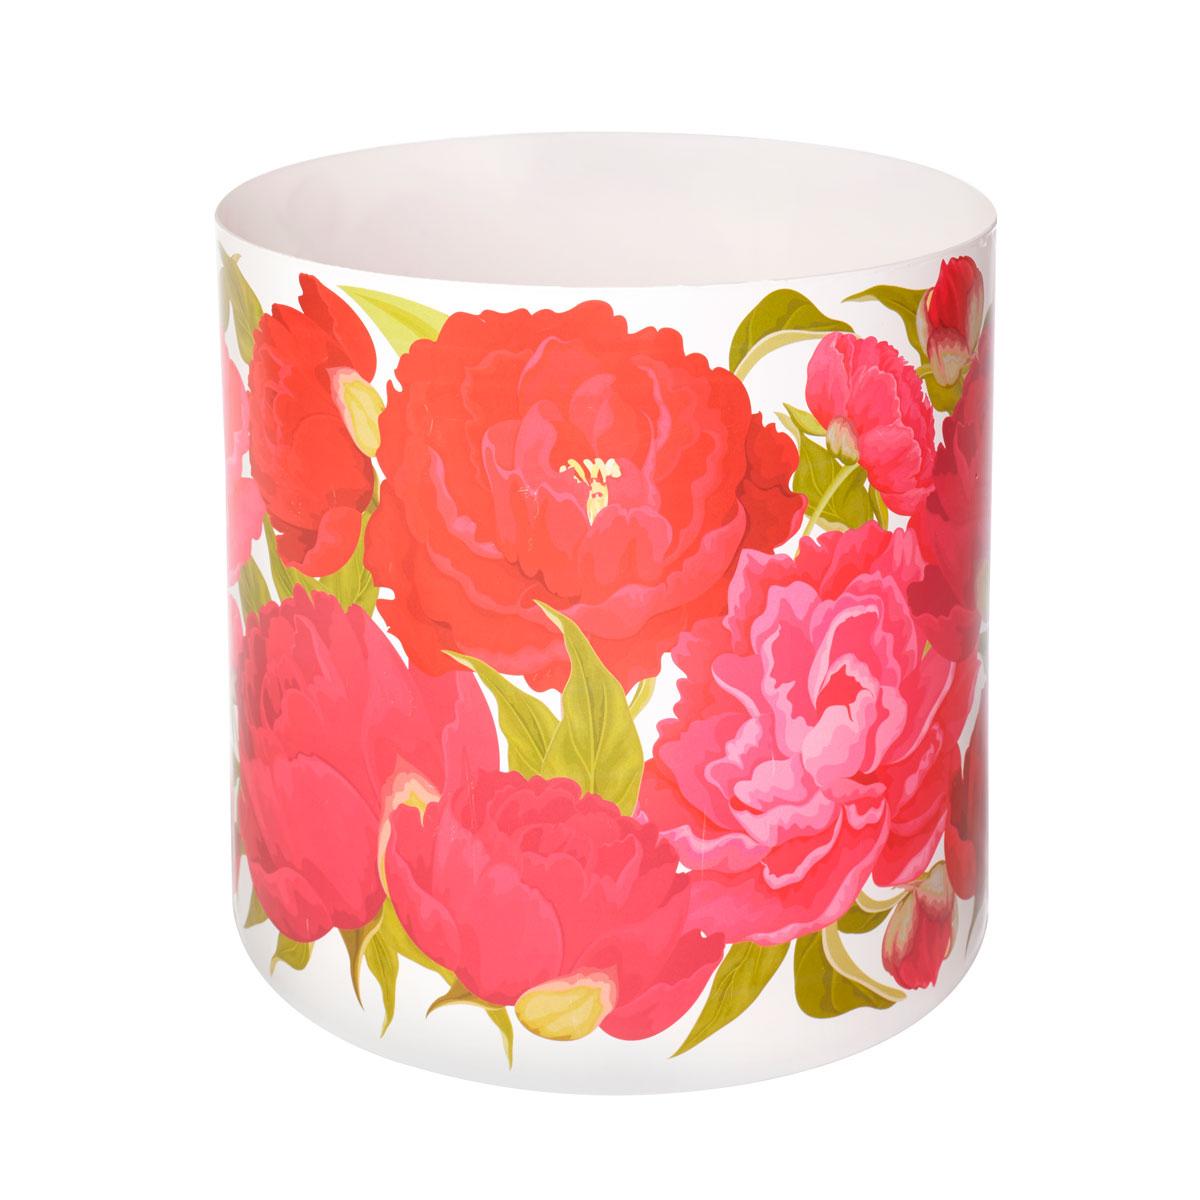 Горшок для цветов Miolla Пионы, со скрытым поддоном, 2,8 лKOC_SOL249_G4Горшок для цветов Miolla Пионы со скрытым поддоном выполнен из пластика.Диаметр горшка: 16,5 см.Высота горшка (с учетом поддона): 16 см.Объем горшка: 2,8 л.